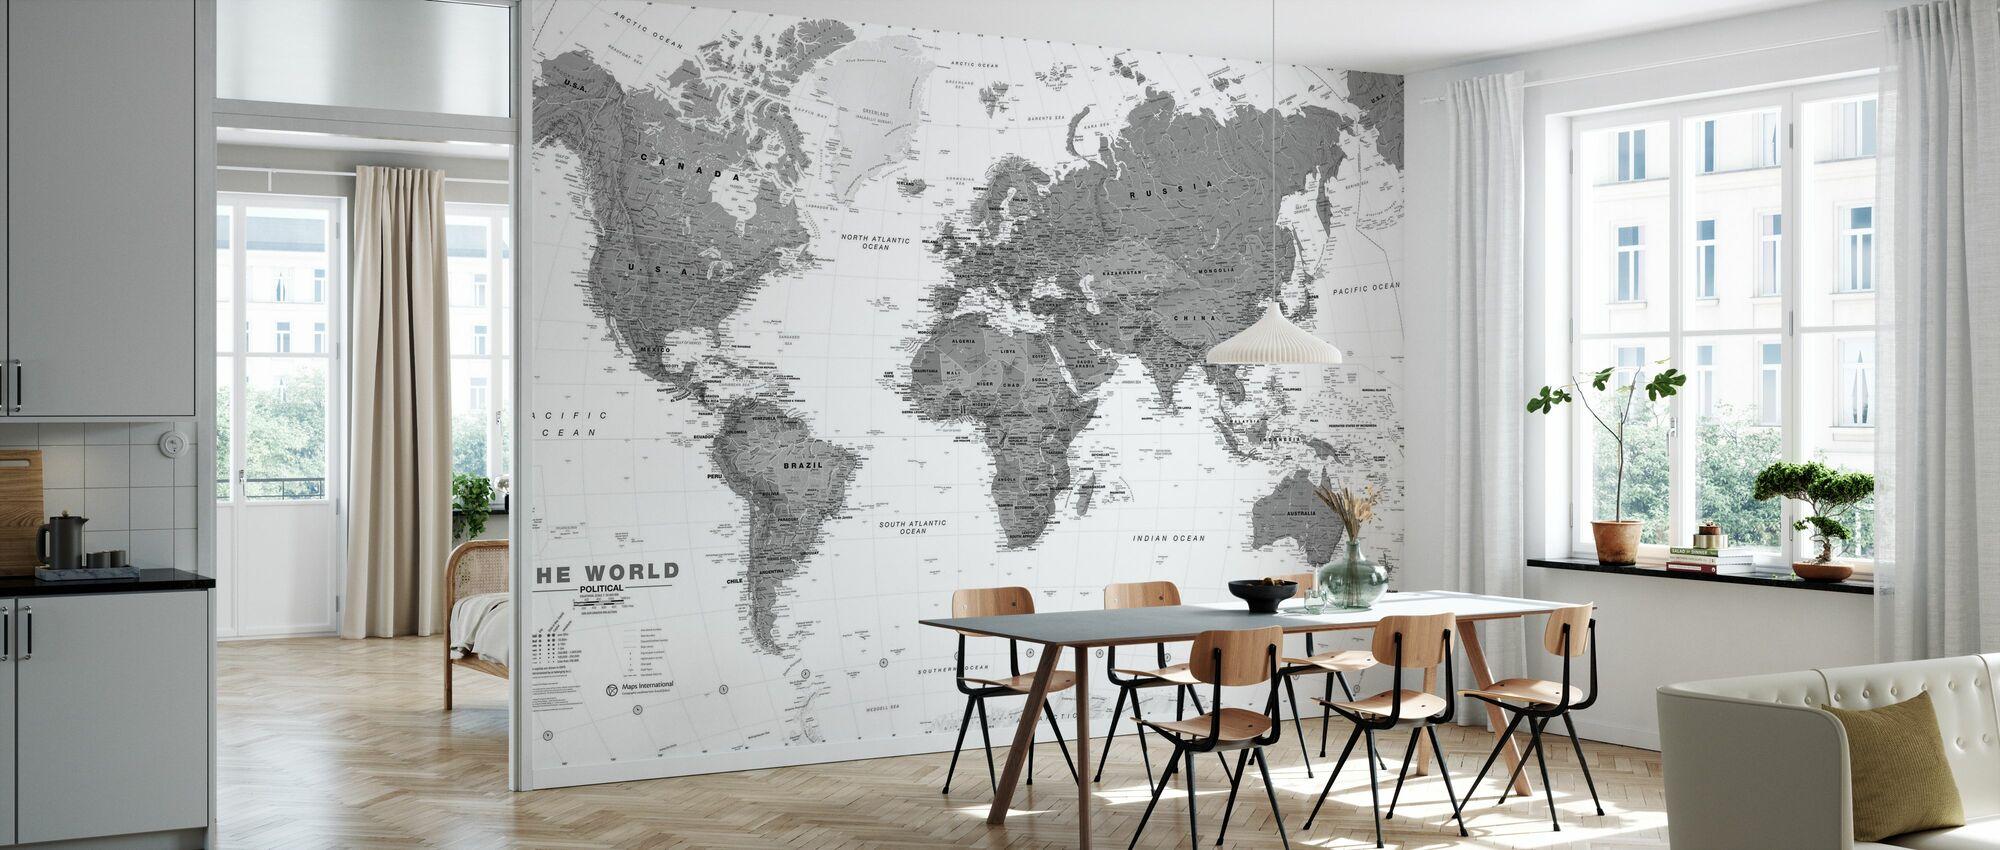 World Map Bw - Wallpaper - Kitchen